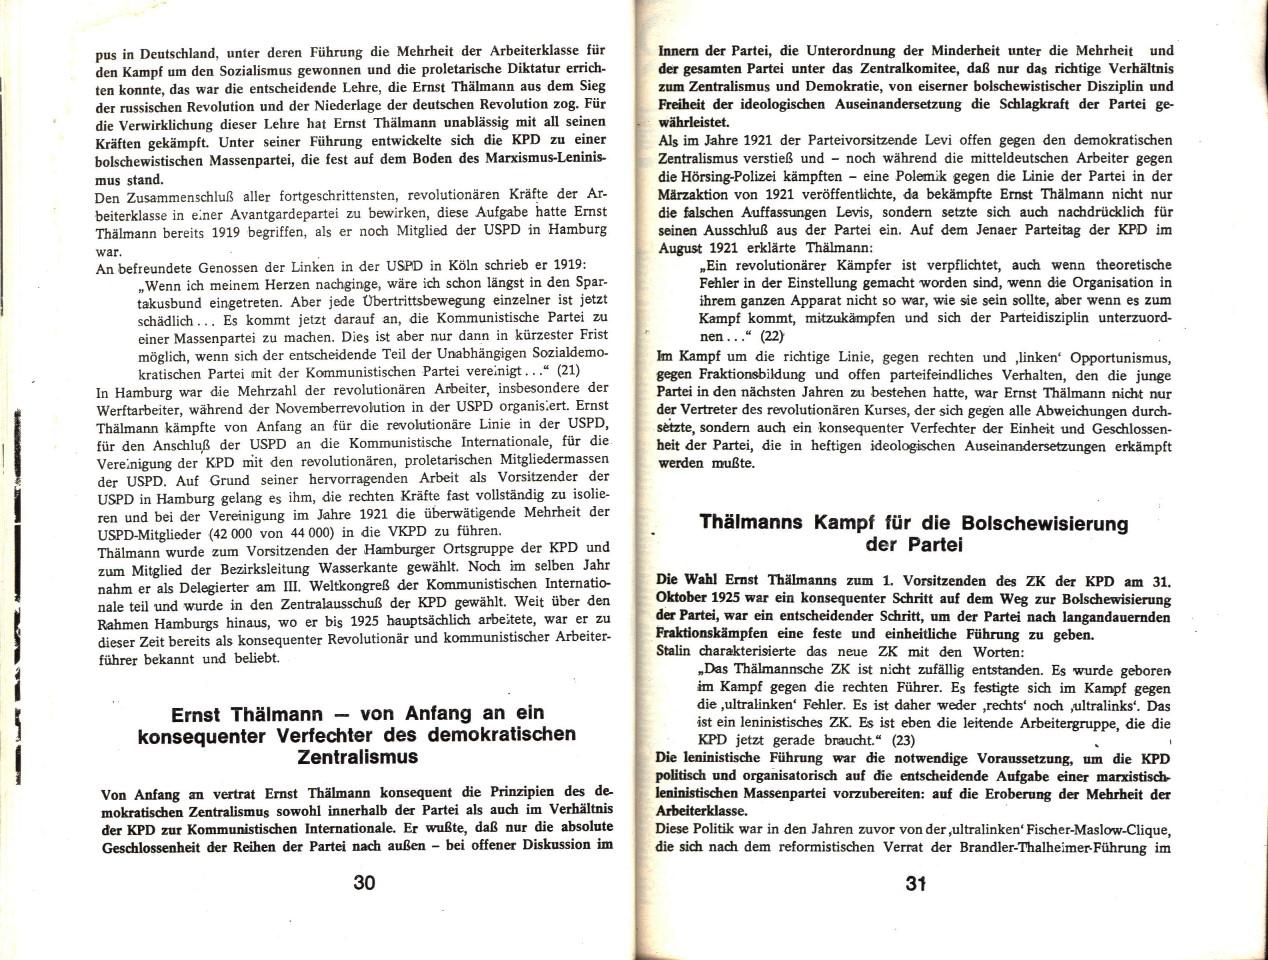 KPDAO_1974_Ernst_Thaelmann_17